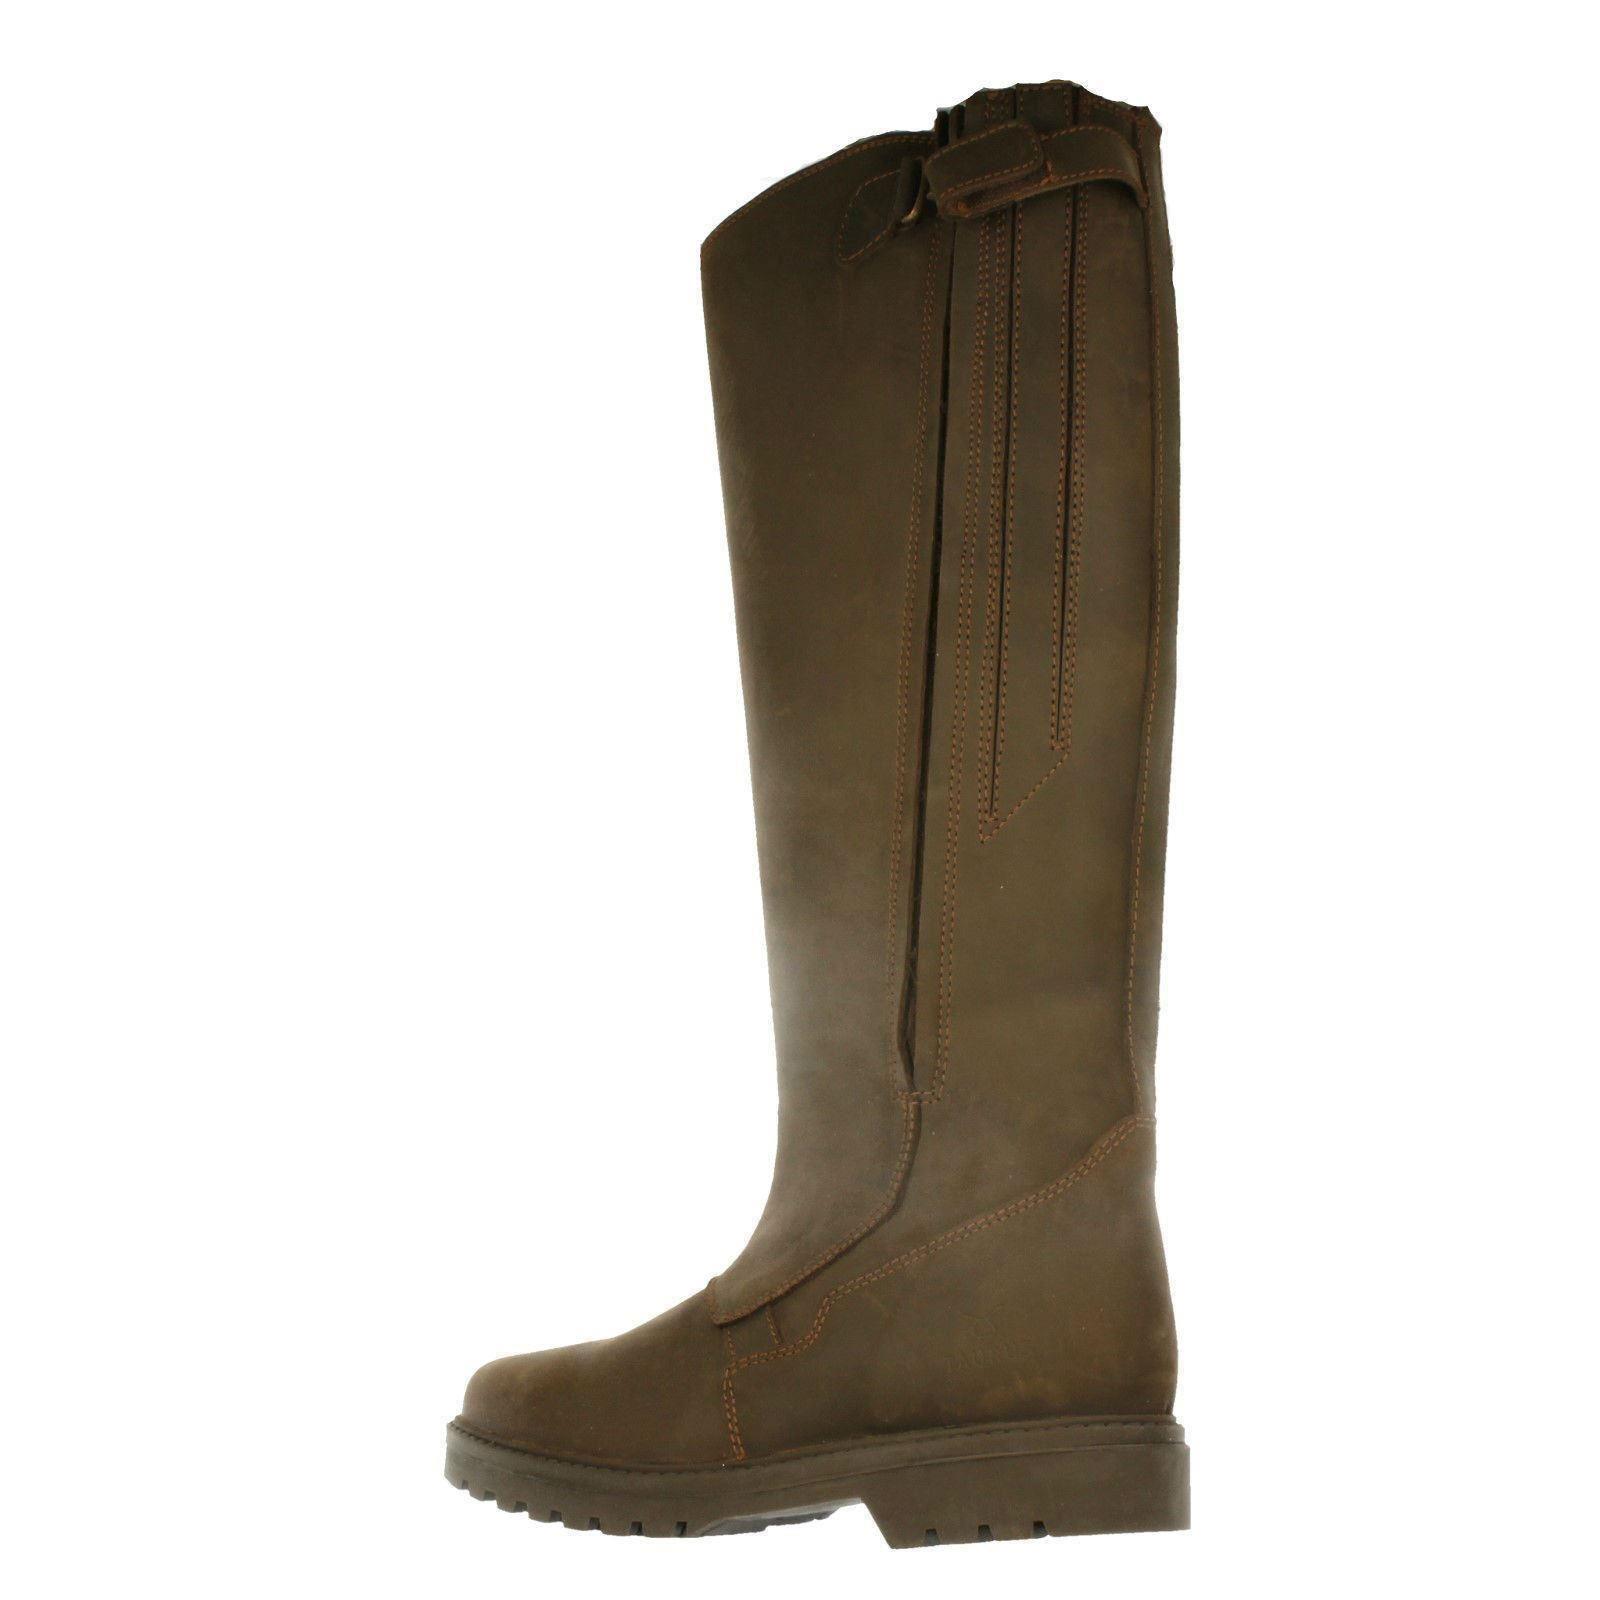 Unisex Ridding/Country Boots Style Gaucho-W Gaucho-W Gaucho-W 11ed88